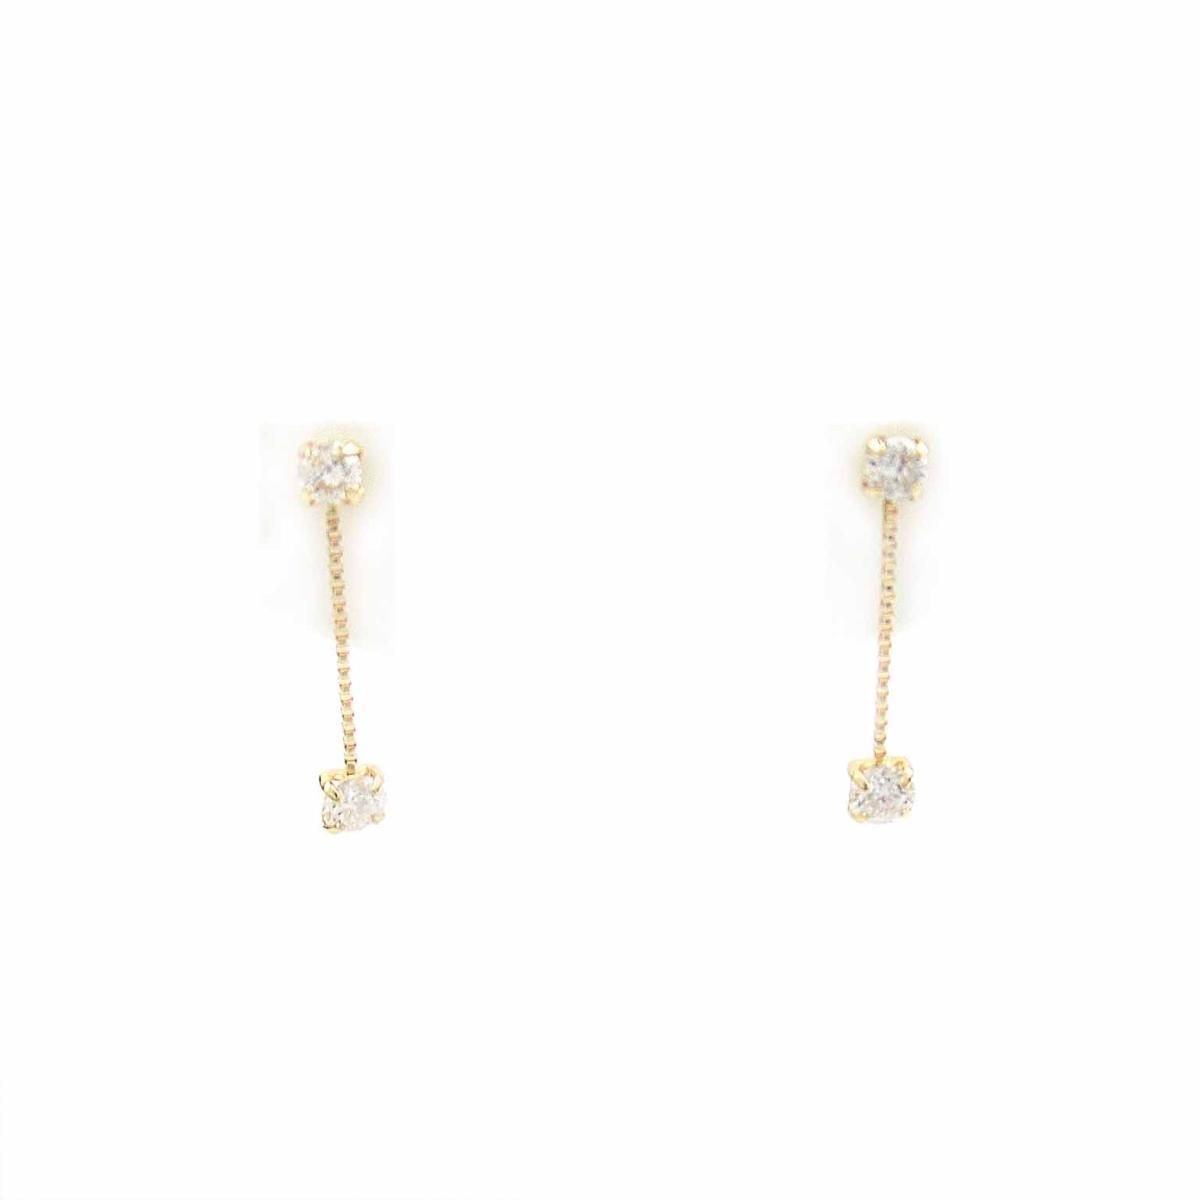 【中古】 ジュエリー ダイヤモンド ピアス レディース 18Kイエローゴールド x (0.10 0.10ct) | JEWELRY BRANDOFF ブランドオフ ブランド アクセサリー